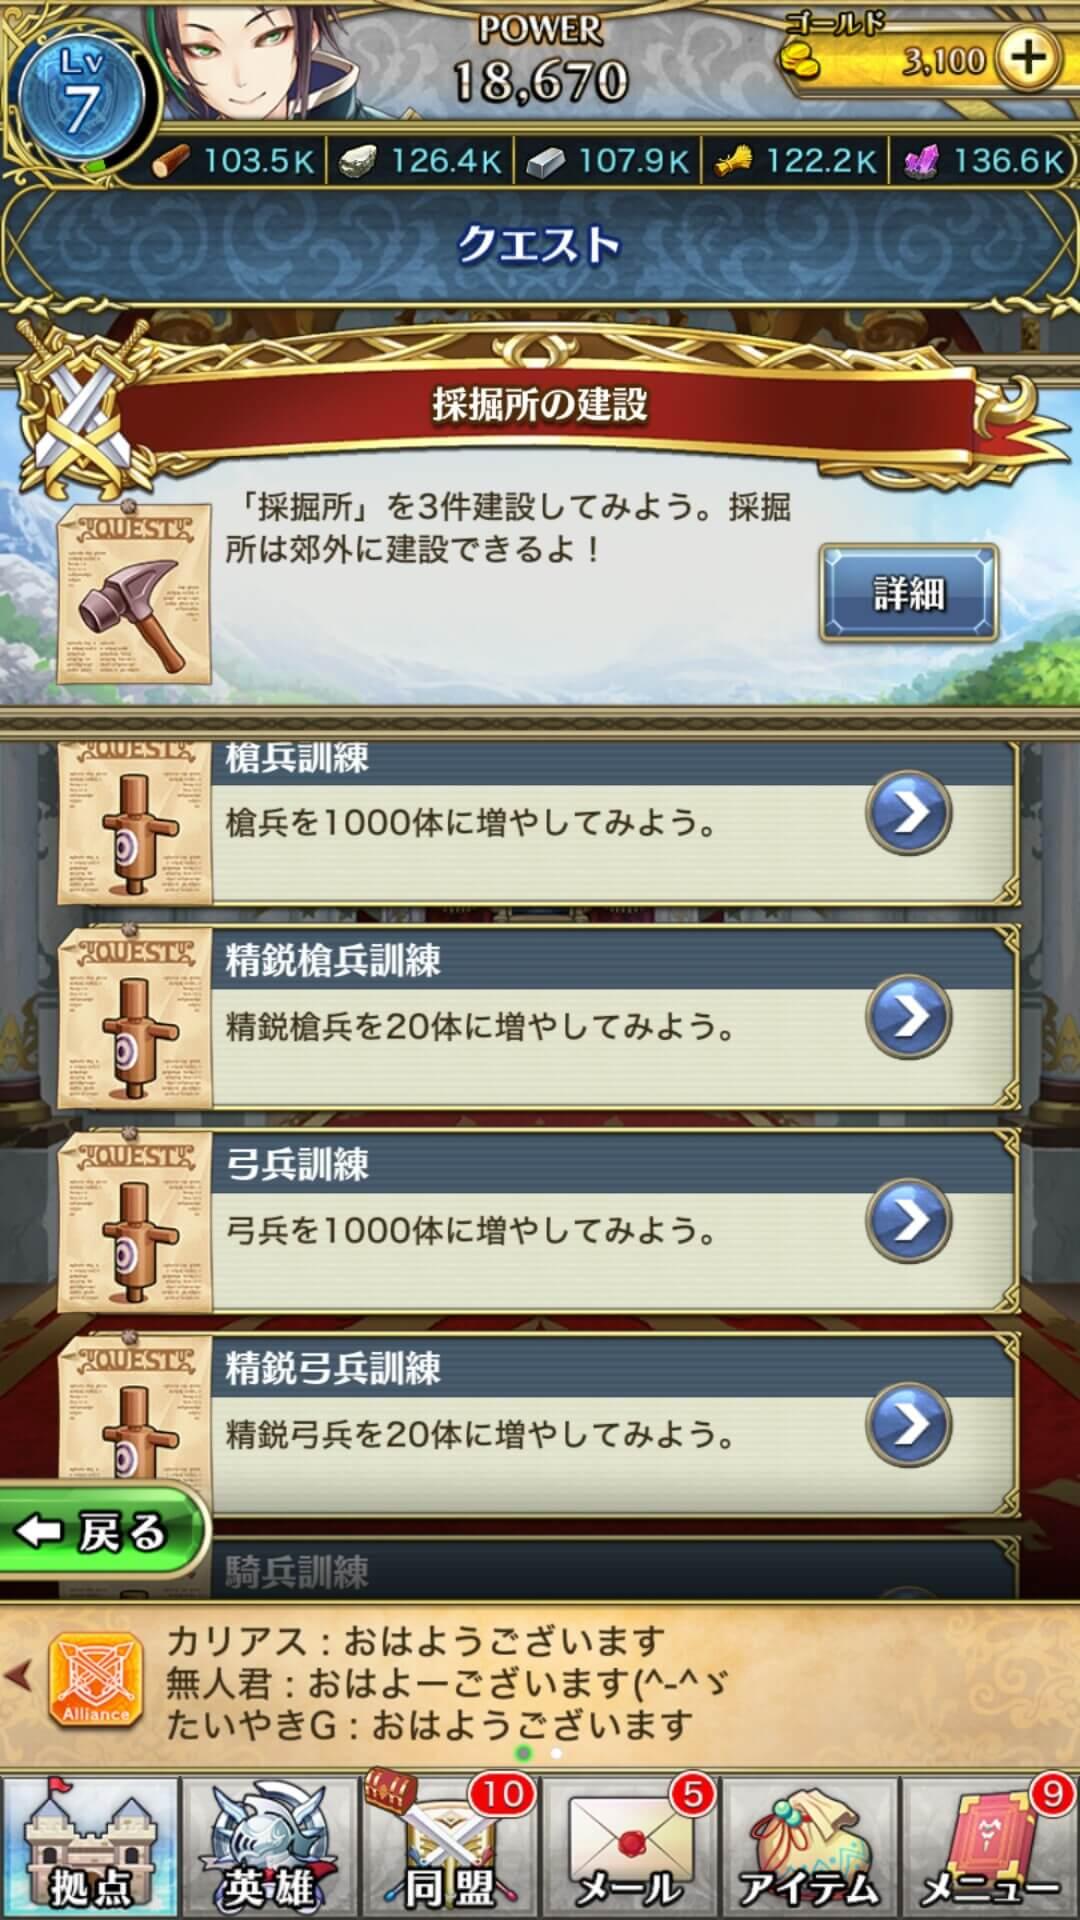 クリスタル オブ リユニオン15 クエスト選択画面